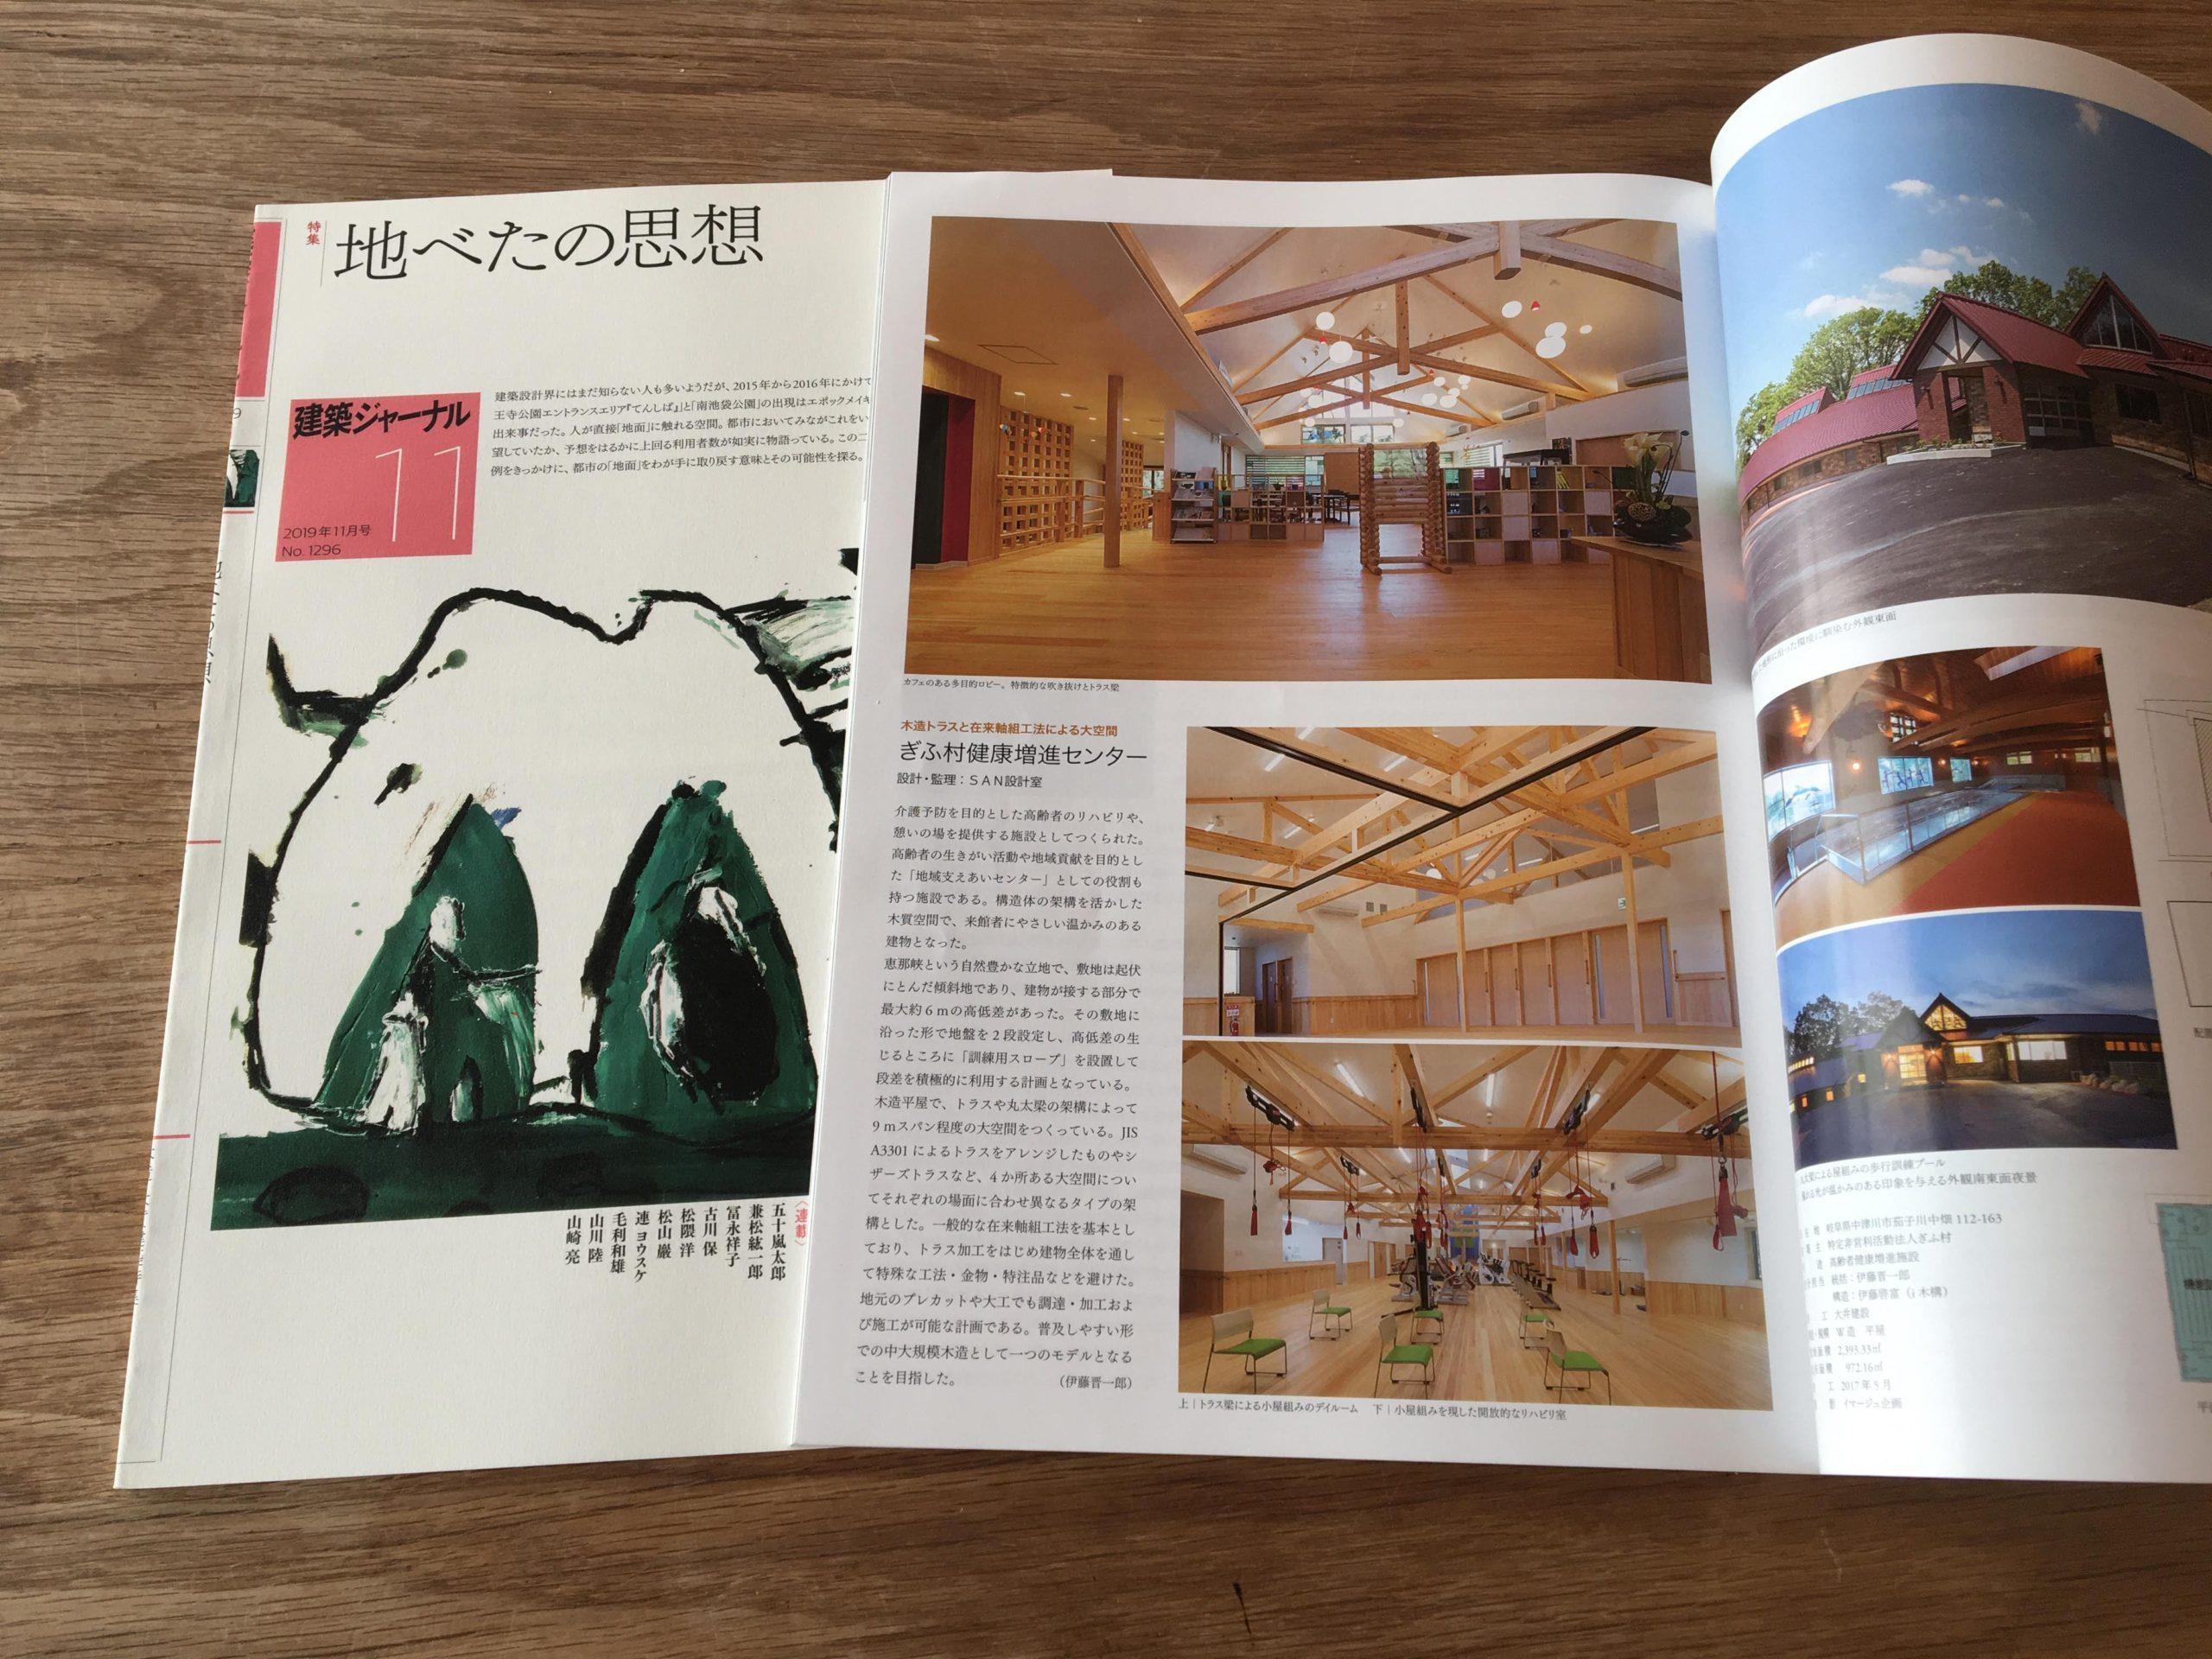 「建築ジャーナル」にぎふ村健康増進センターが掲載されました